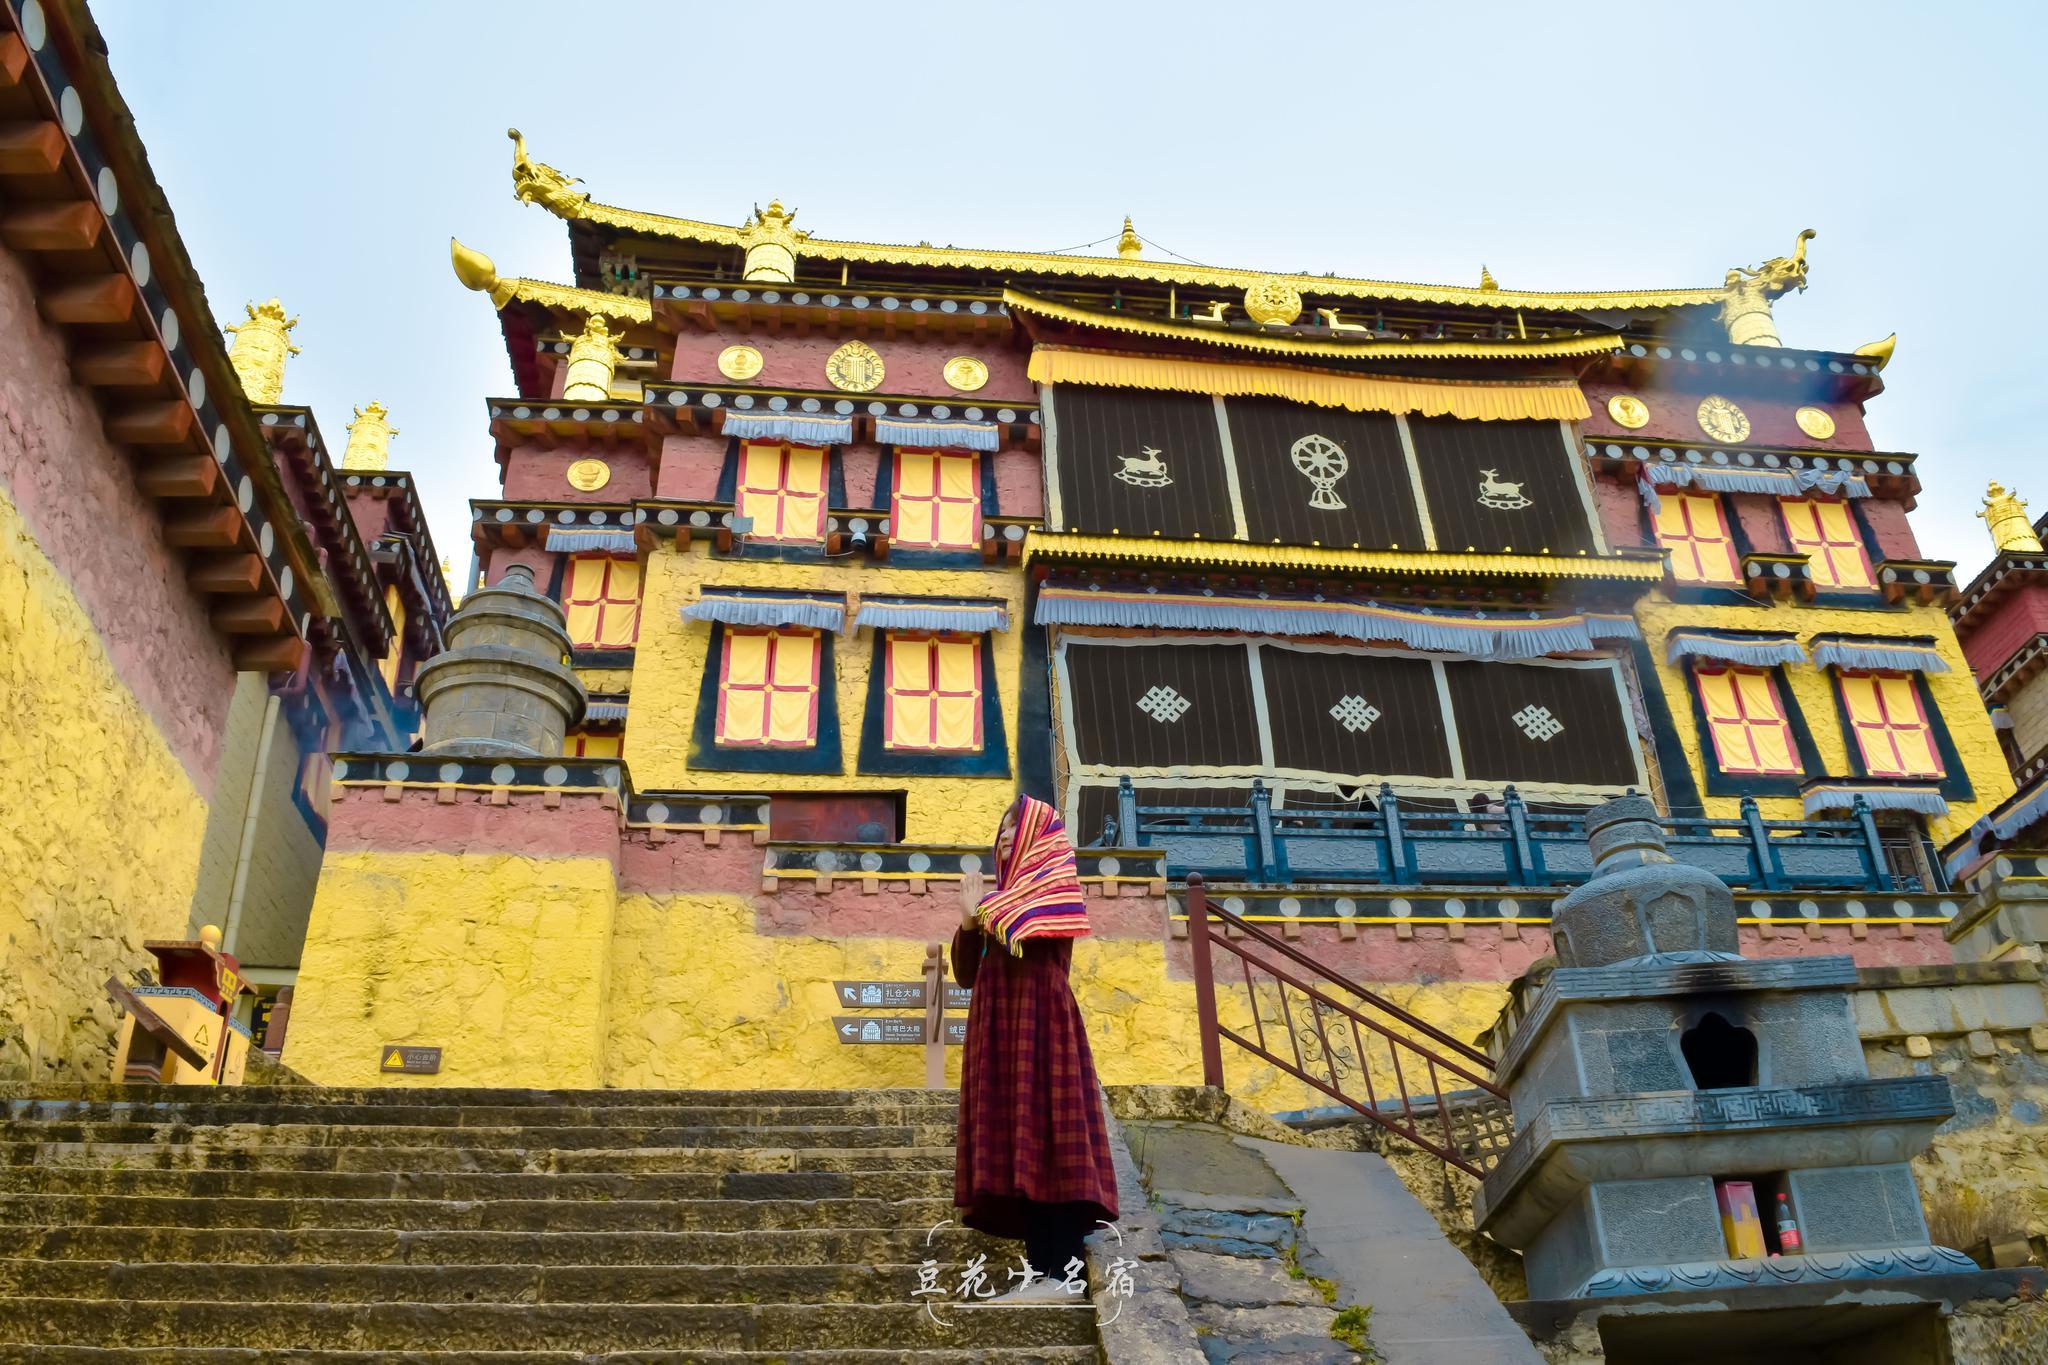 香格里拉和西藏一样,是佛教天堂,到处都是寺庙,处处充满信仰。